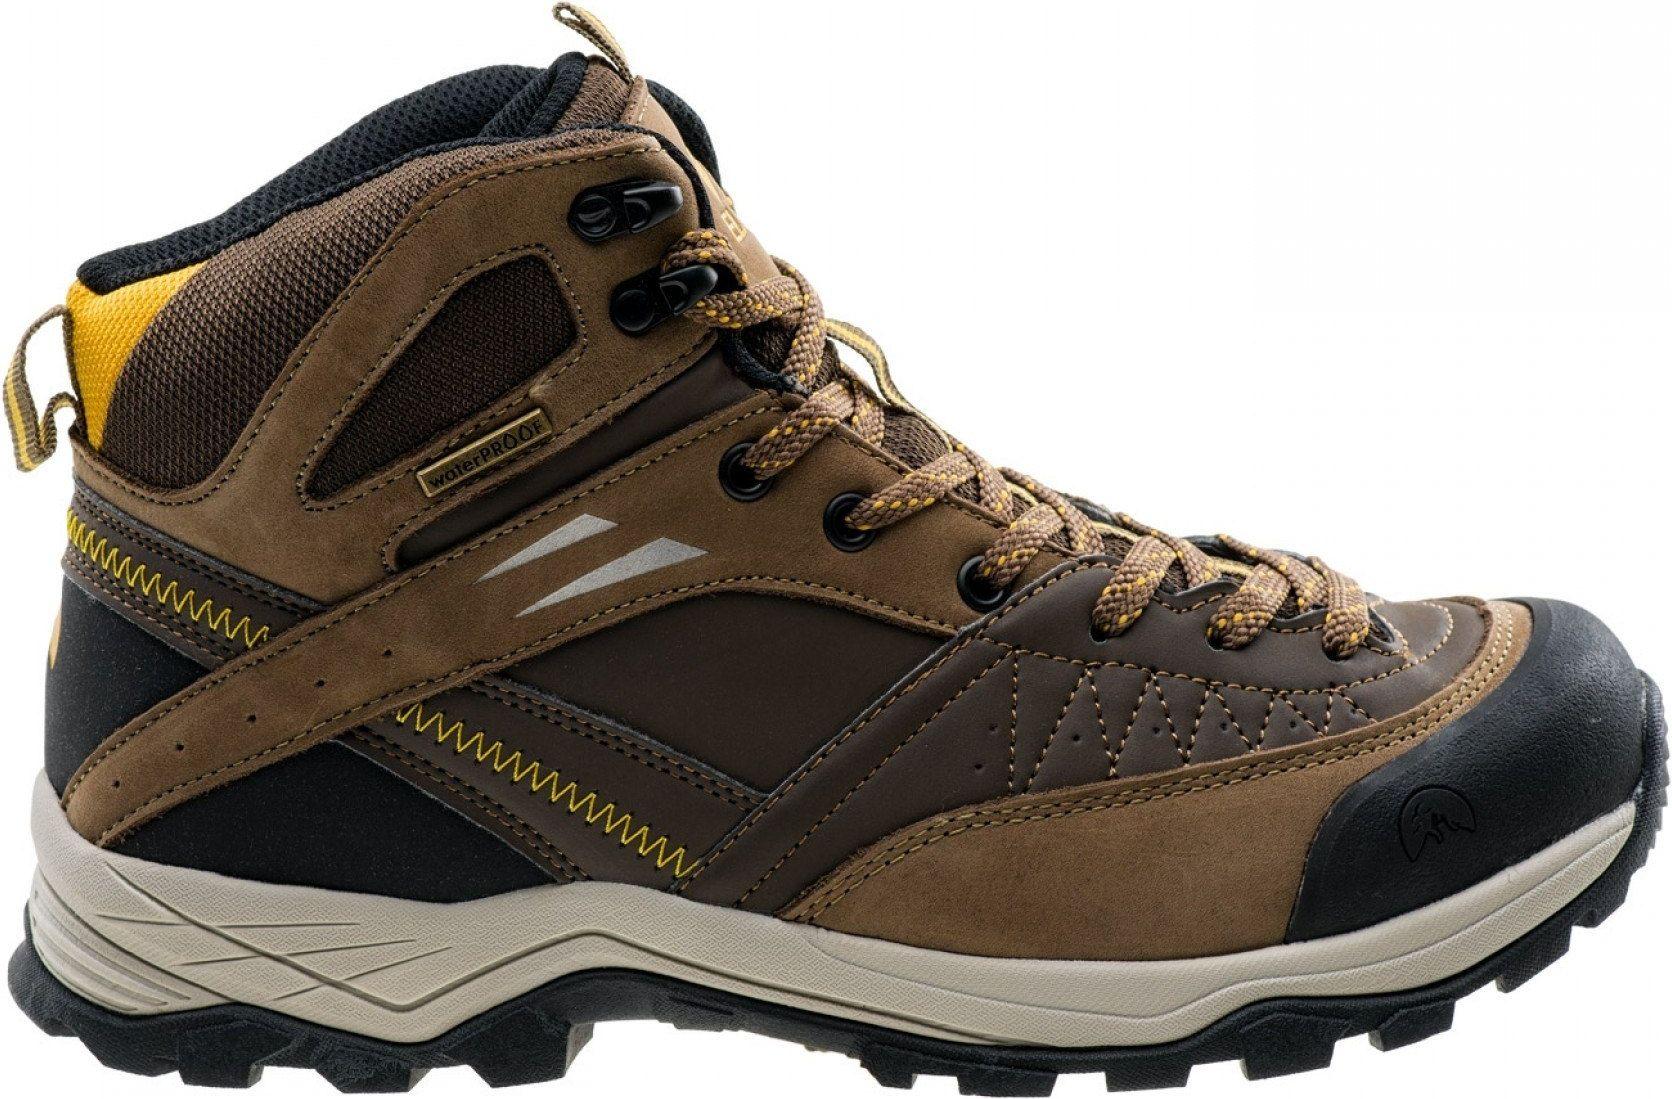 Elbrus Buty meskie Delen MID WP Dark Brown / Corn / Black r. 43 4823644 Tūrisma apavi